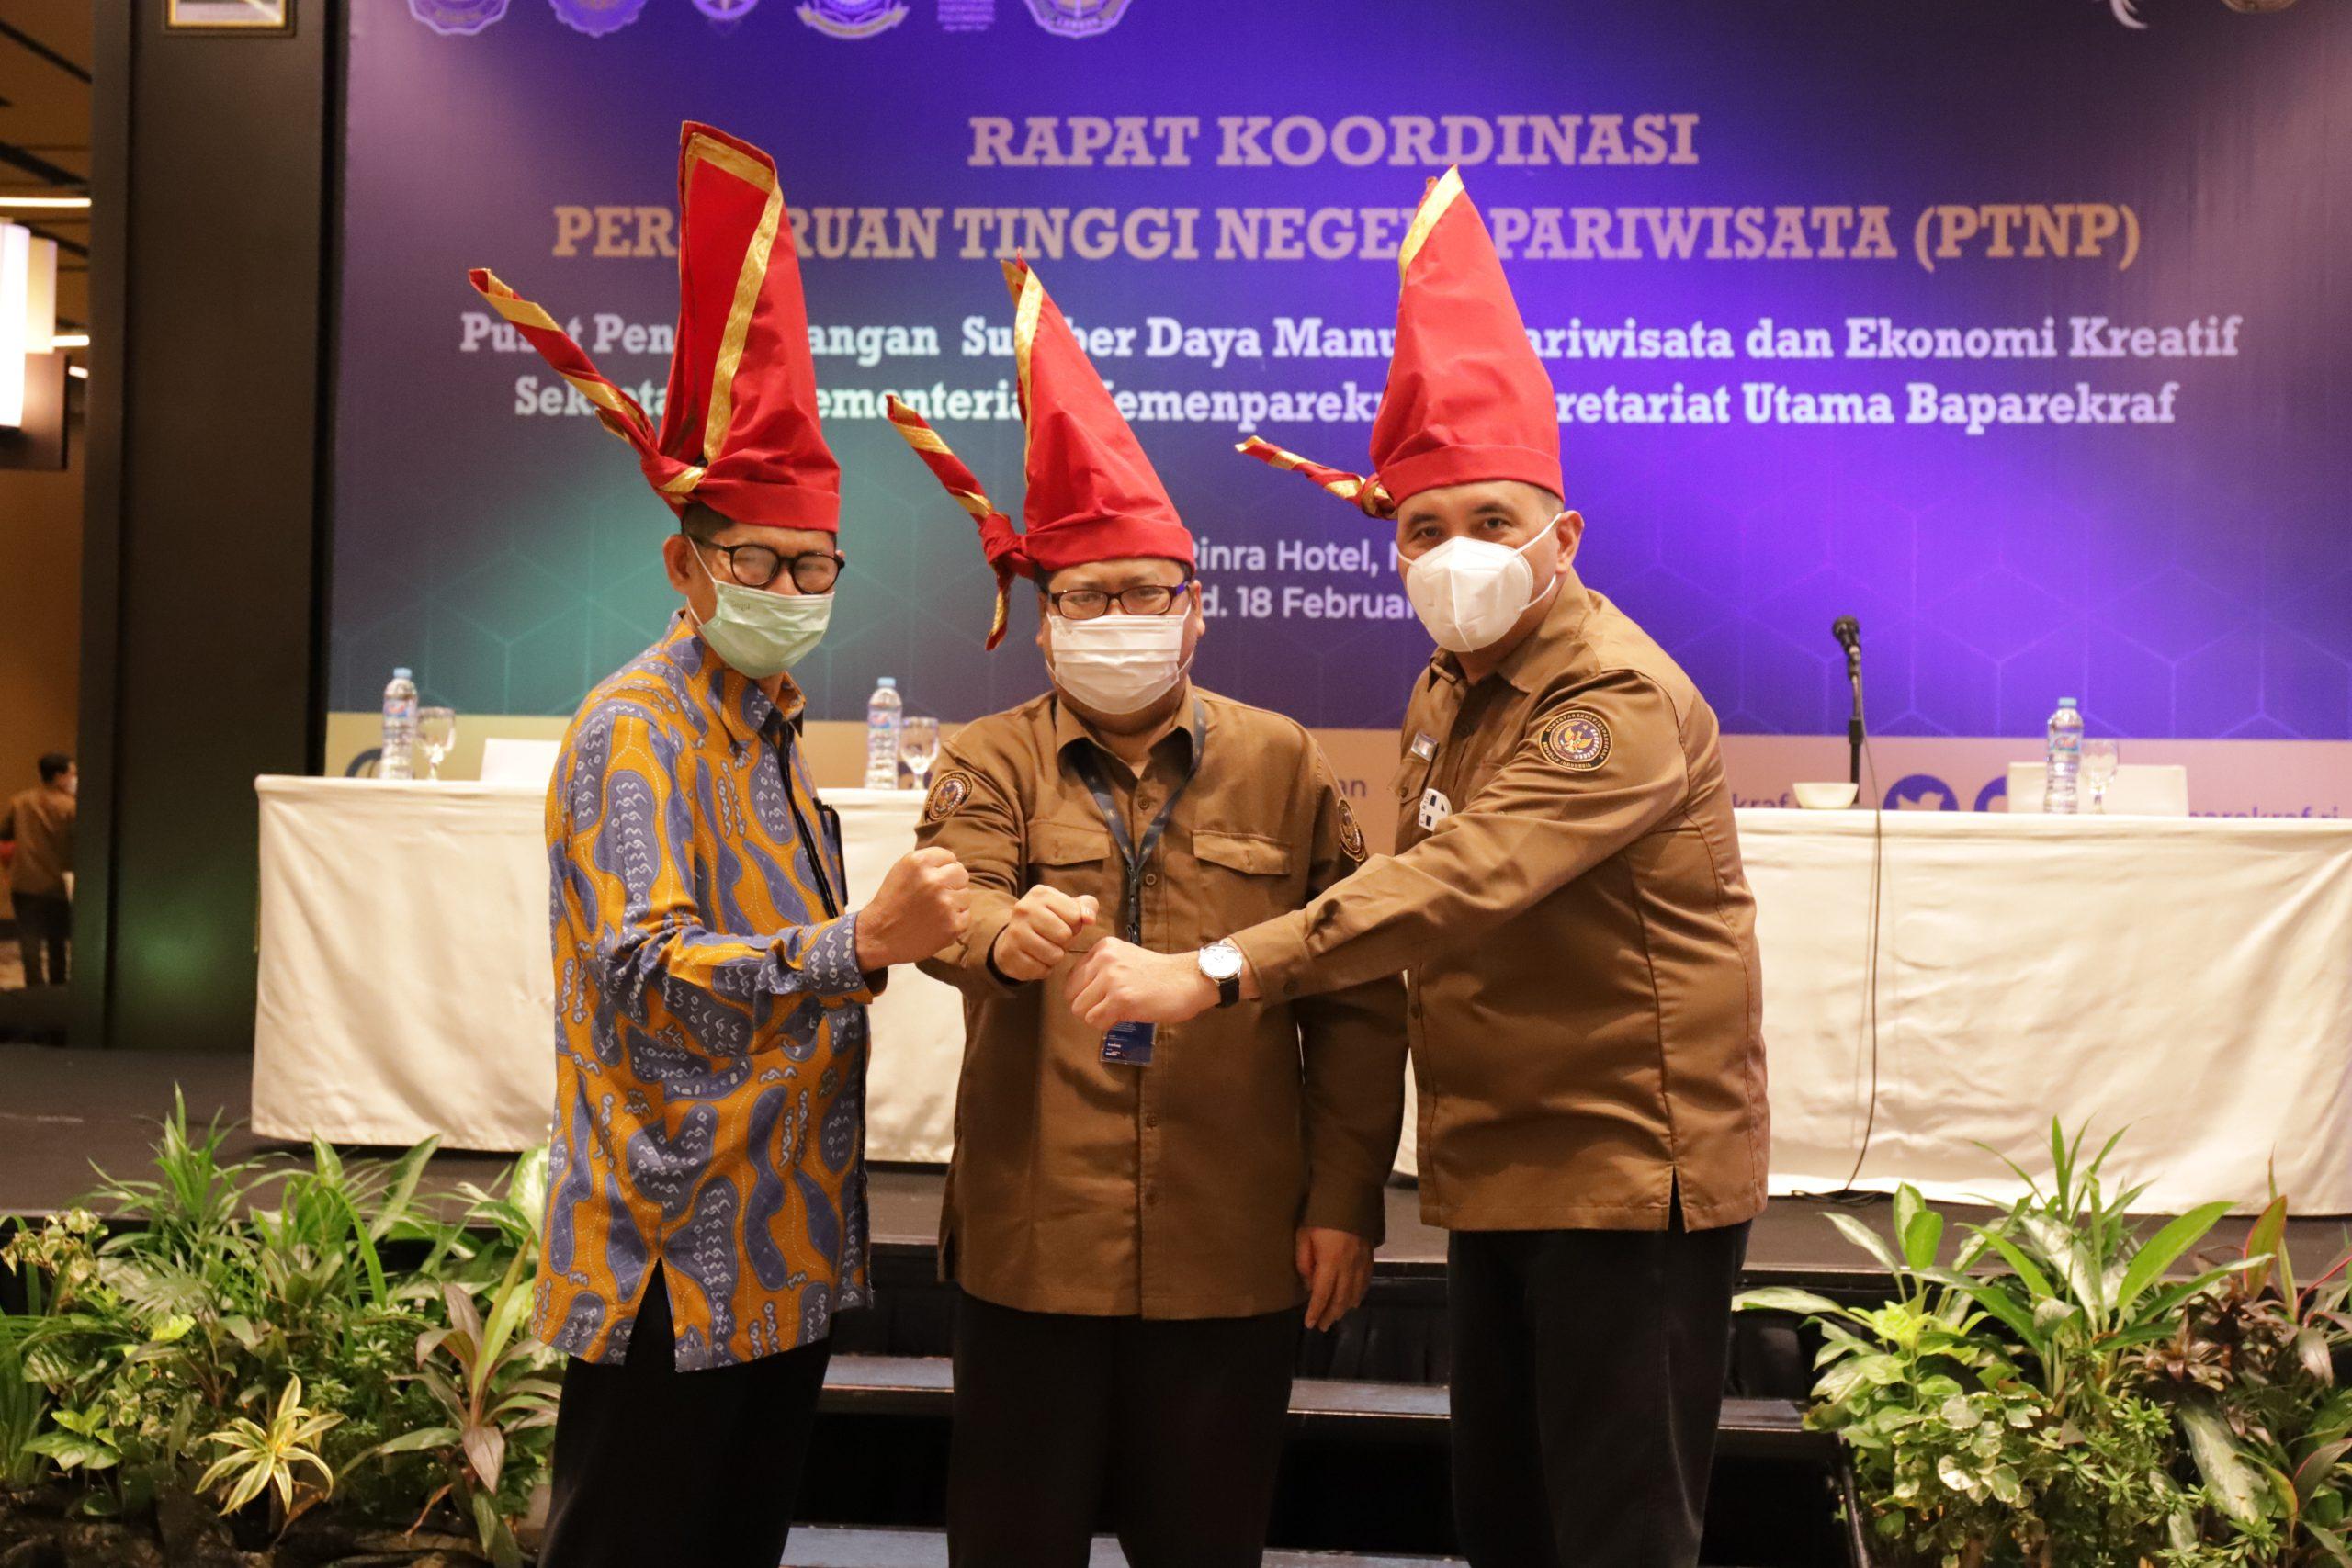 Poltekpar Makassar menjadi Tuan Rumah dalam Rapat Koordinasi 6 Perguruan Tinggi Negeri Pariwisata (PTNP)